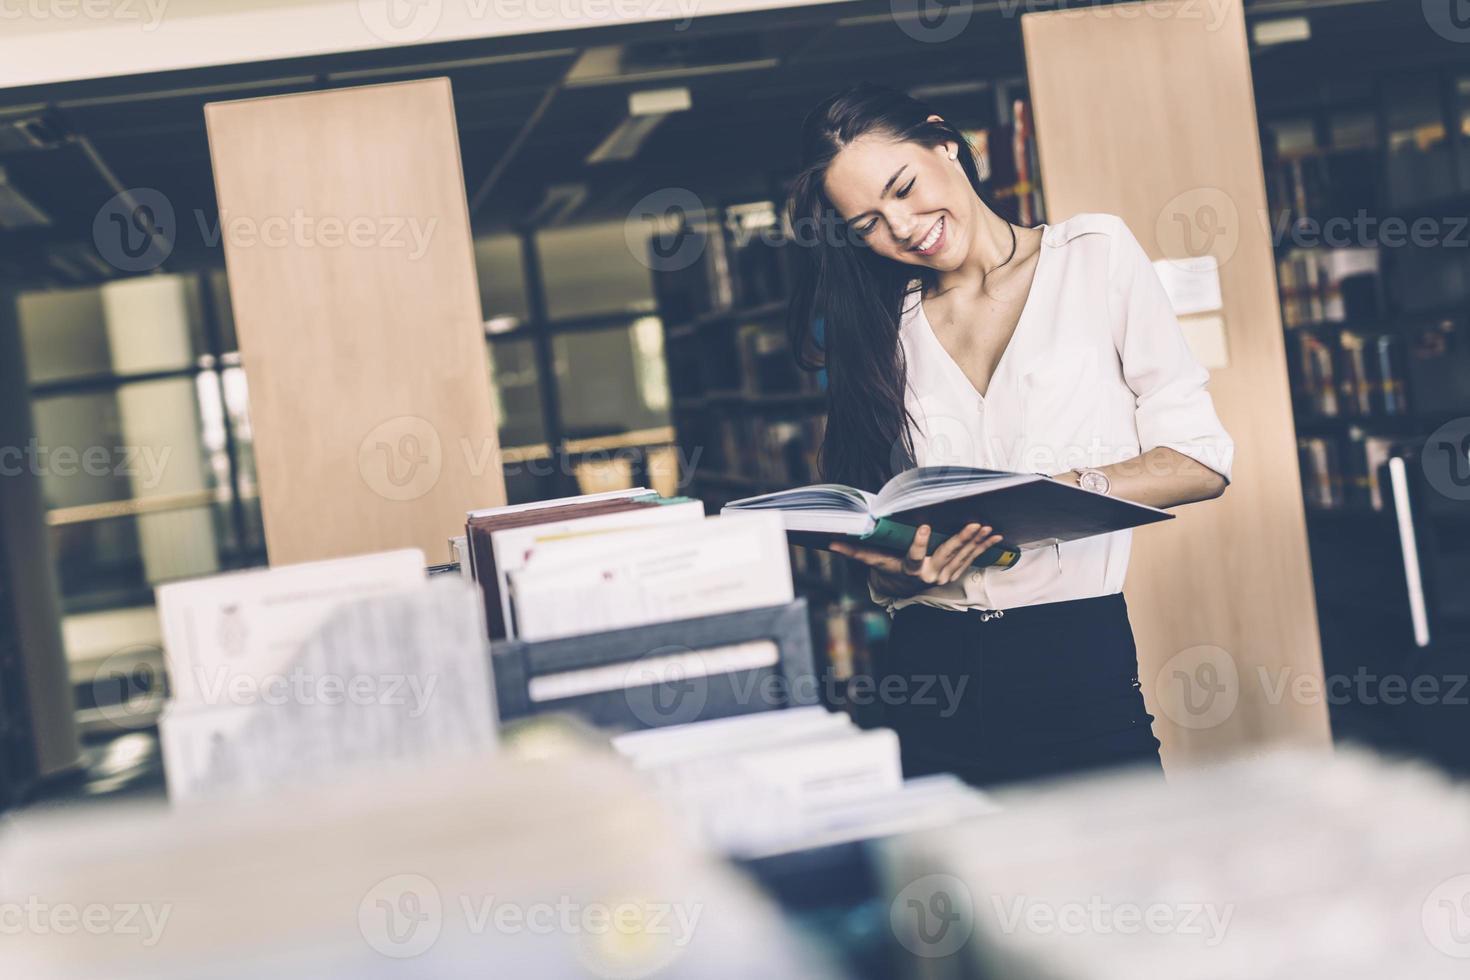 linda mulher lendo livros em uma biblioteca foto